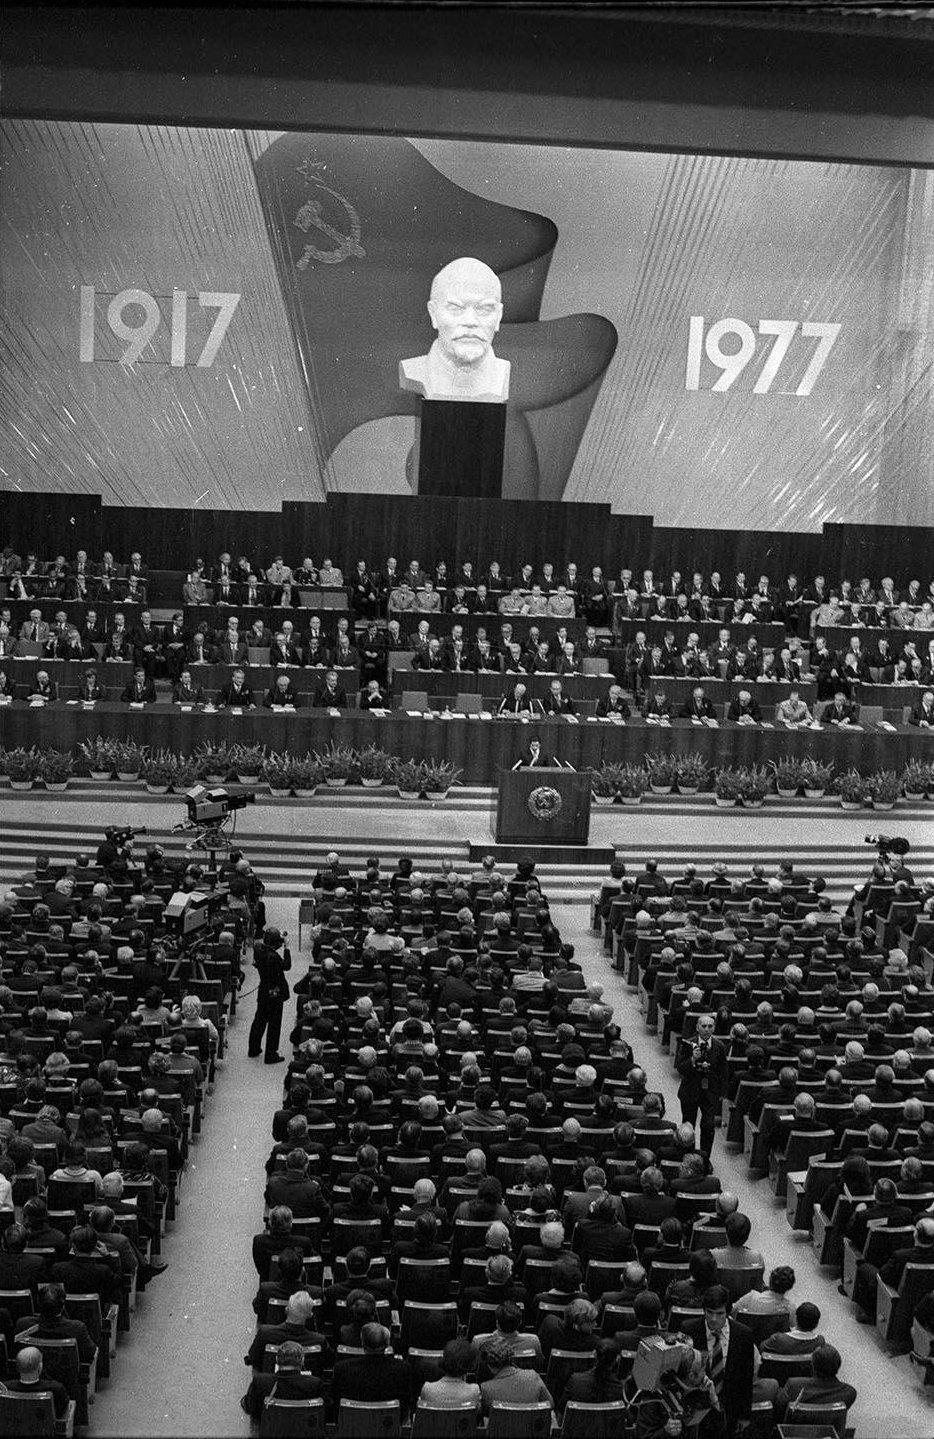 1977. Торжественное заседание по случаю 60-летия Октябрьской революции. Кремлевский дворец съездов. 2 ноября